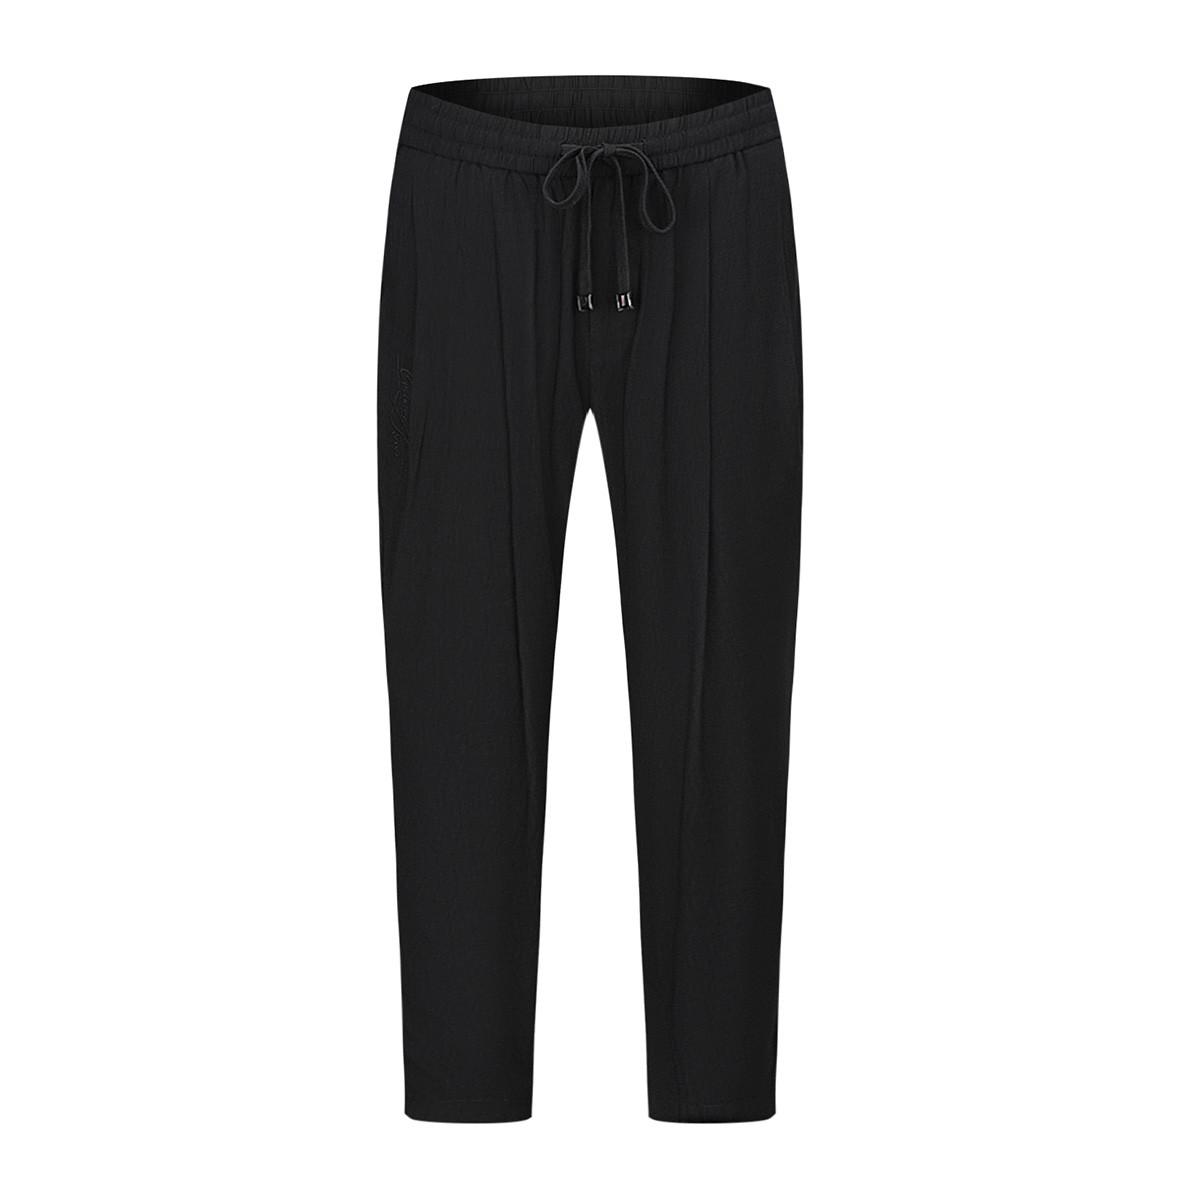 卡里亚尼CALIANI男式纯色宽松系带休闲裤CXK77110618-01